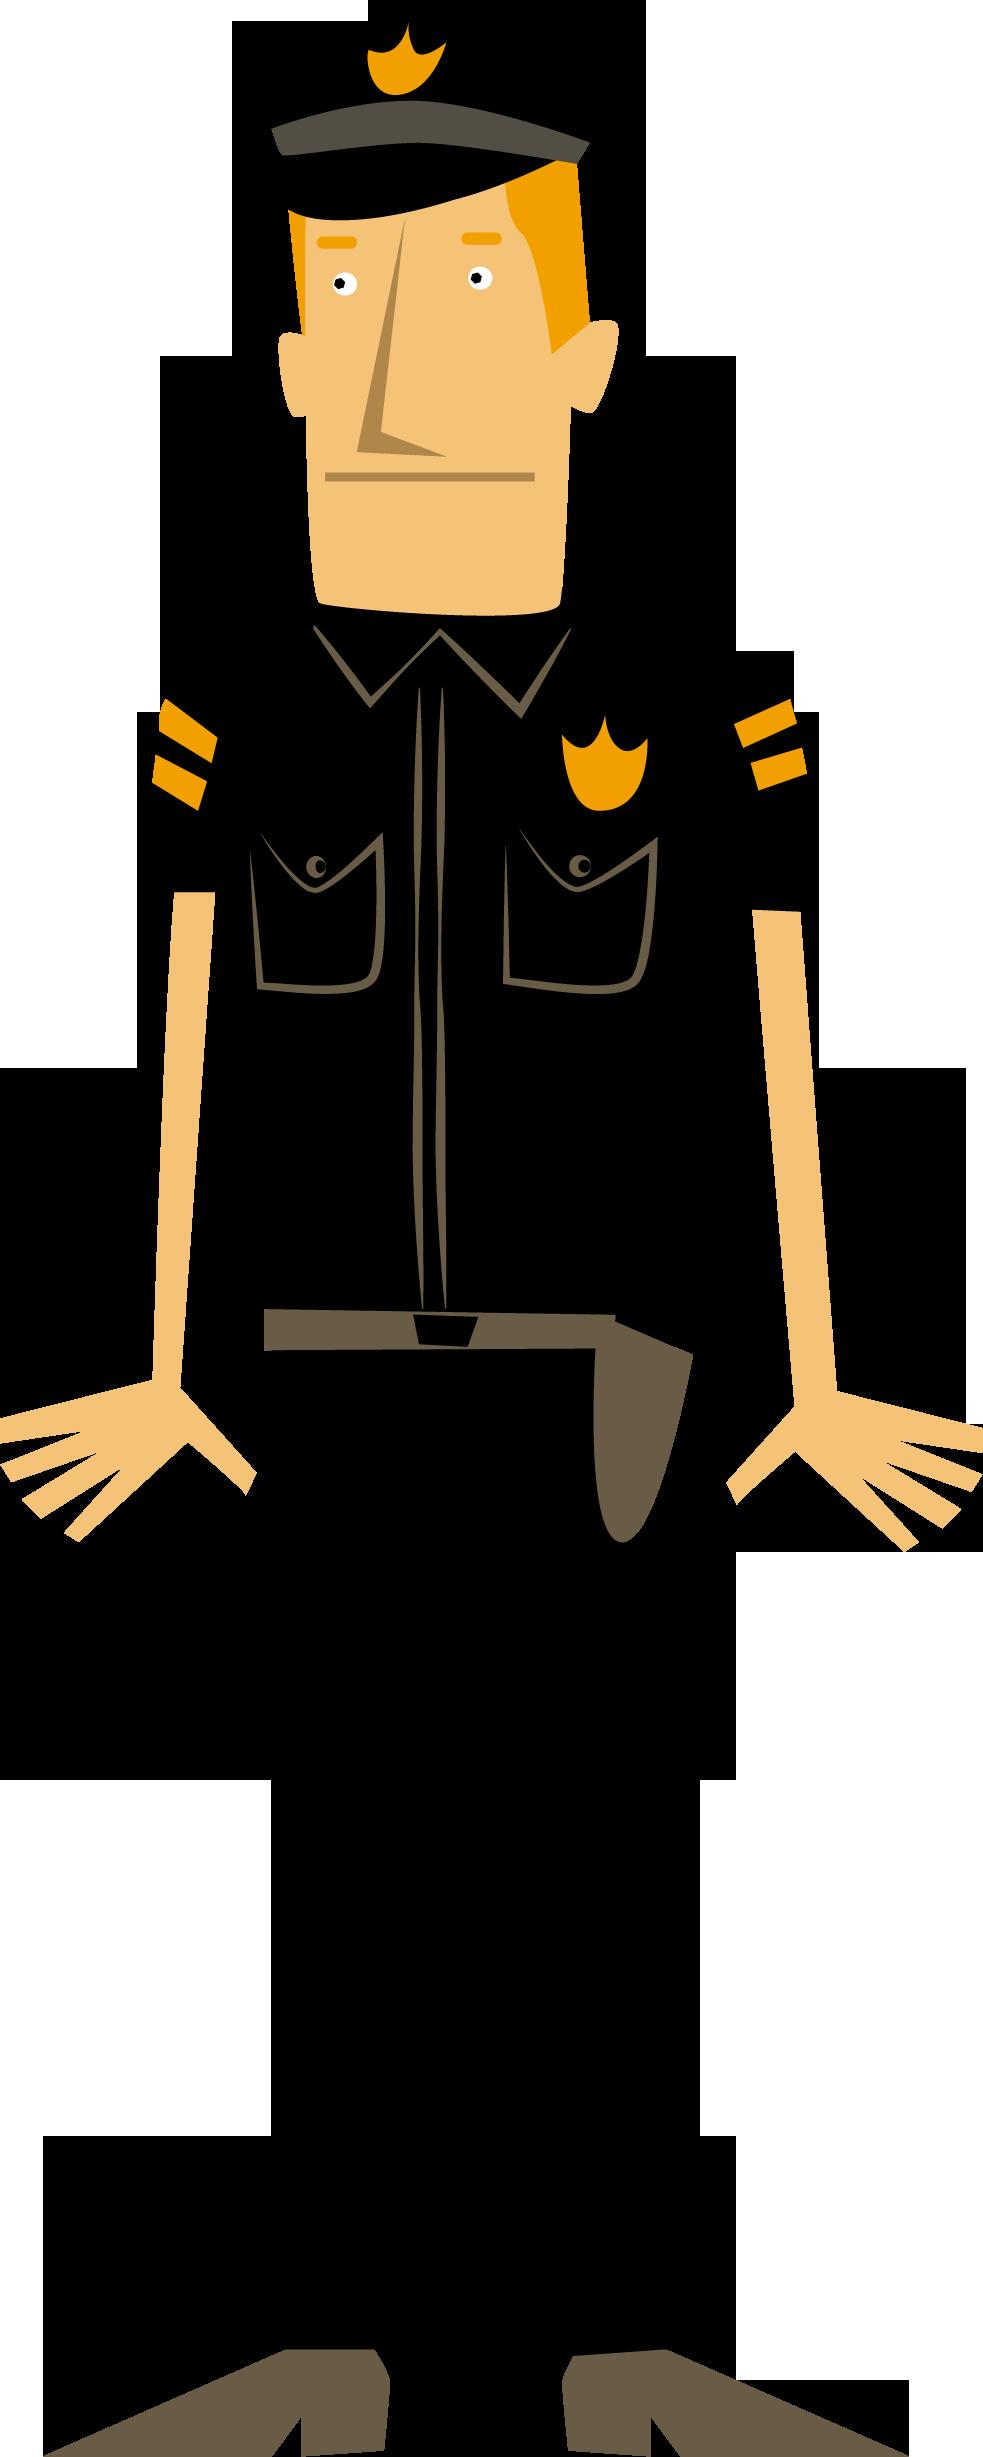 Officer Larson